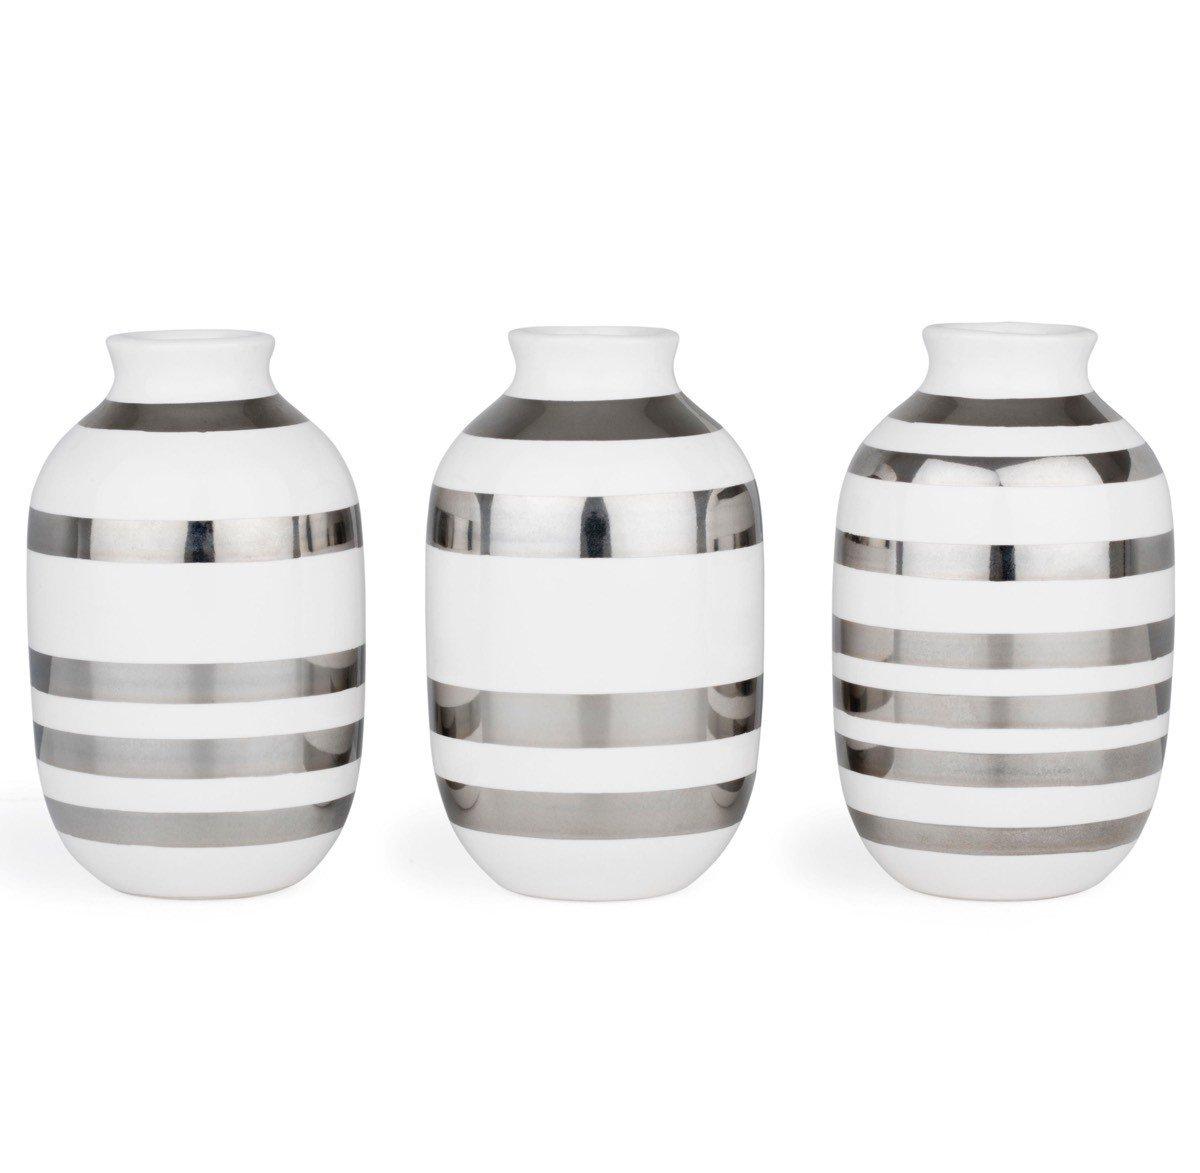 Kähler - Omaggio - Vase     Blaumenvase - Miniatur - 3er-Set - silber - Höhe 8 cm B01M0DYZTA Vasen e37e06